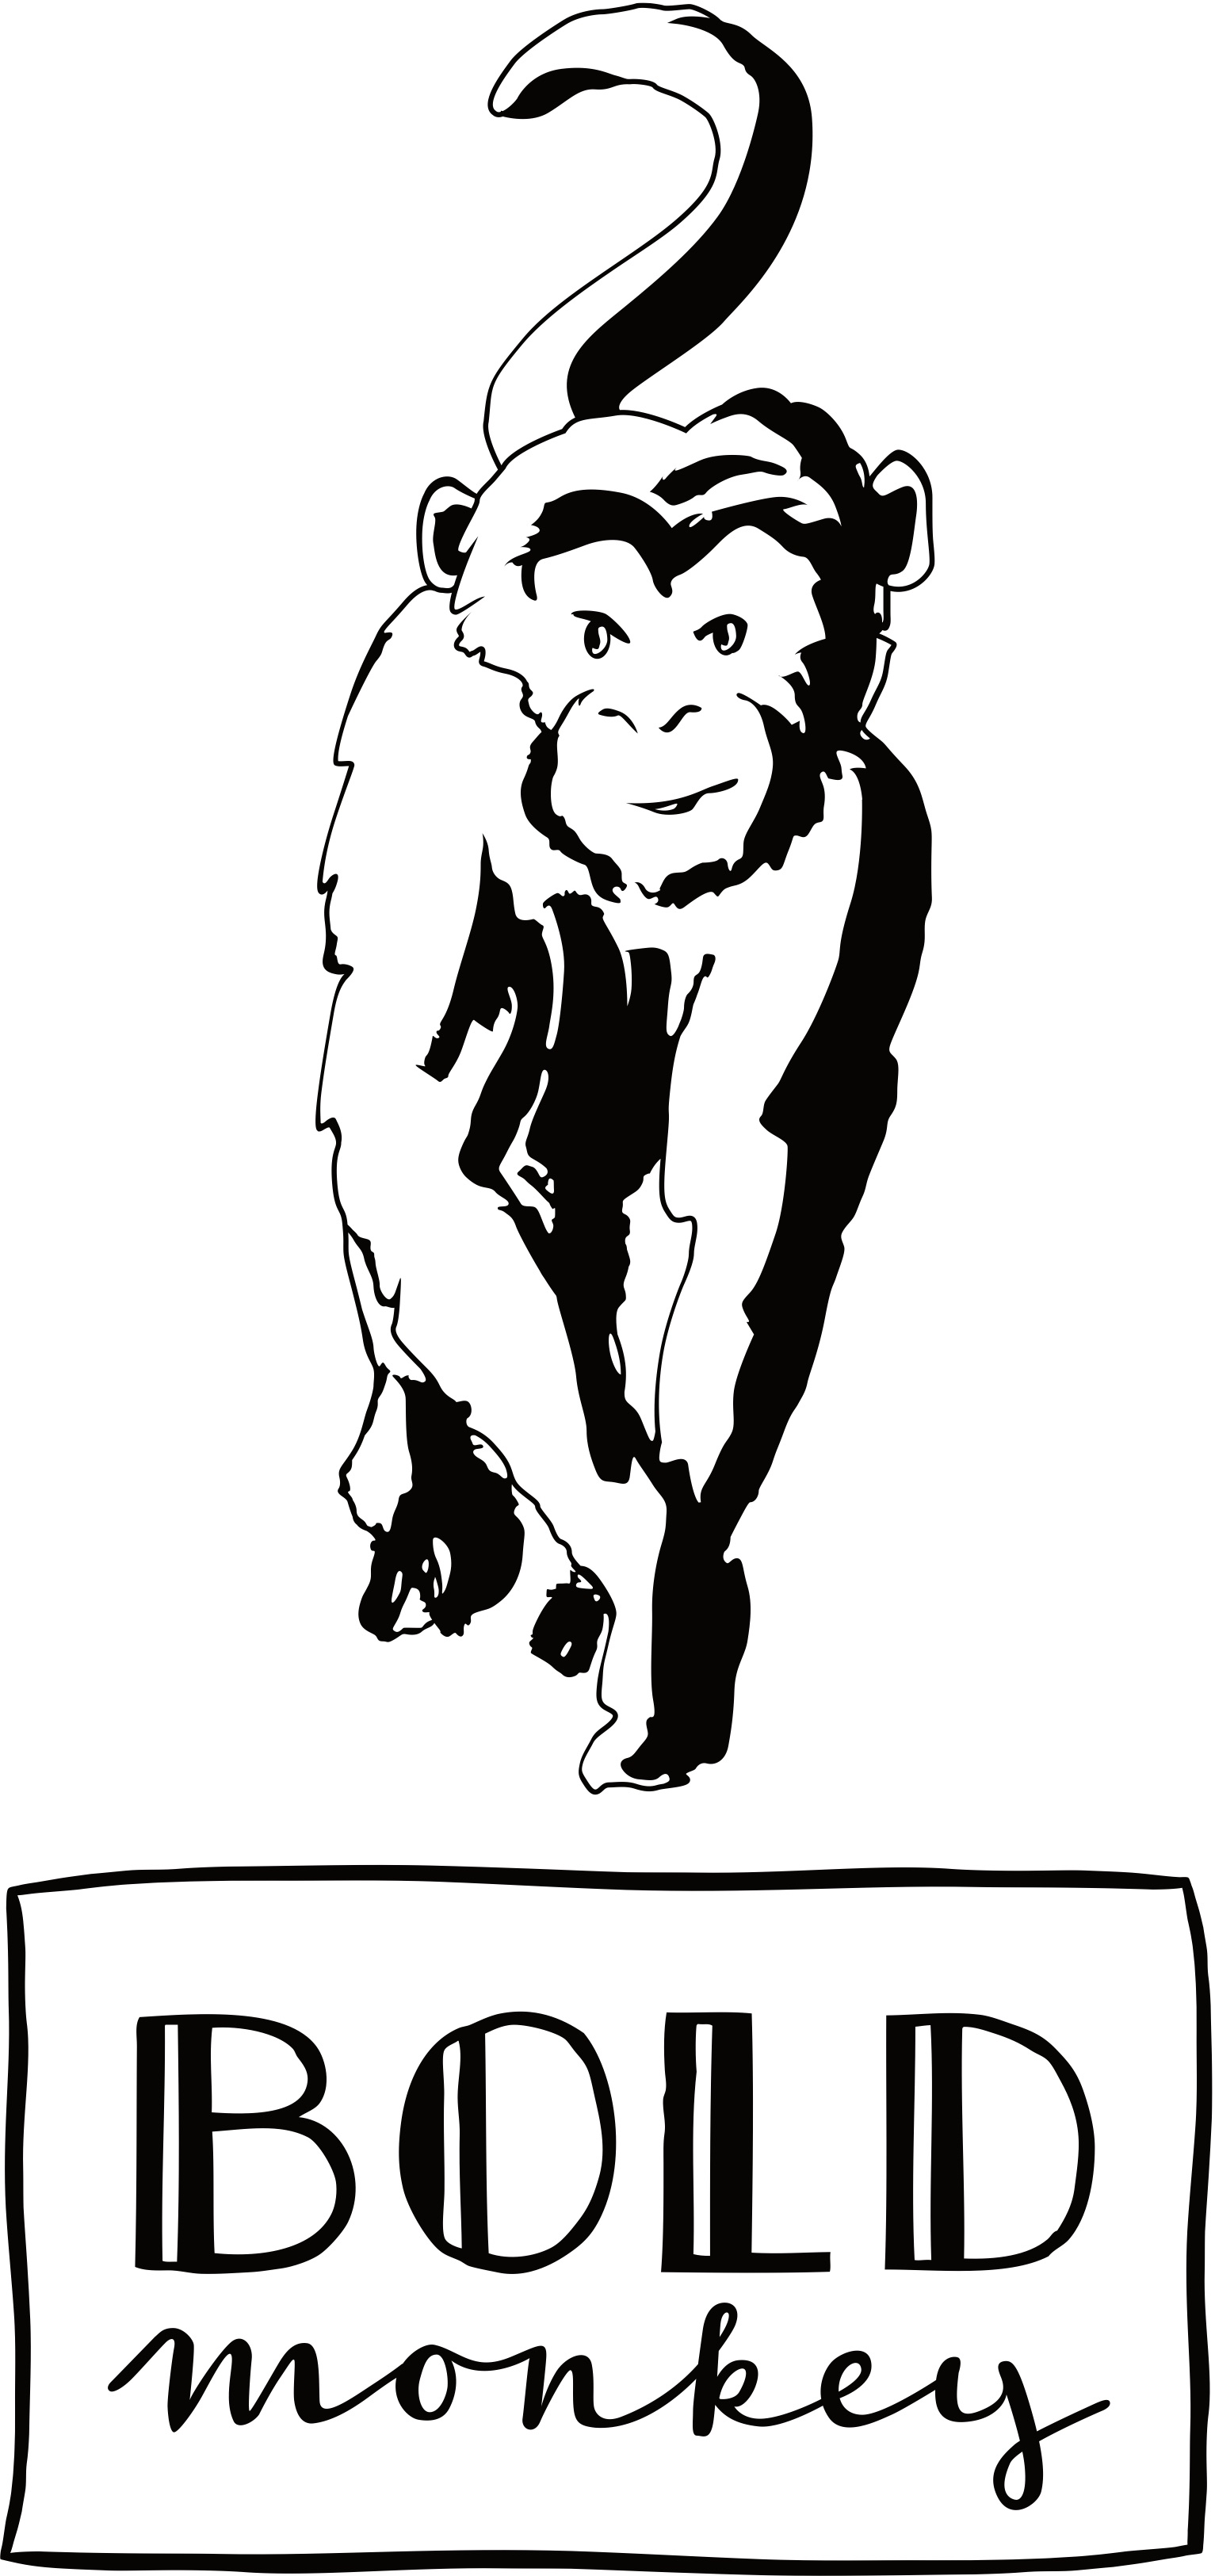 Bold Monkey Hooked on you bijzettafel zwart blad zwart onderstel gouden details vooraanzicht